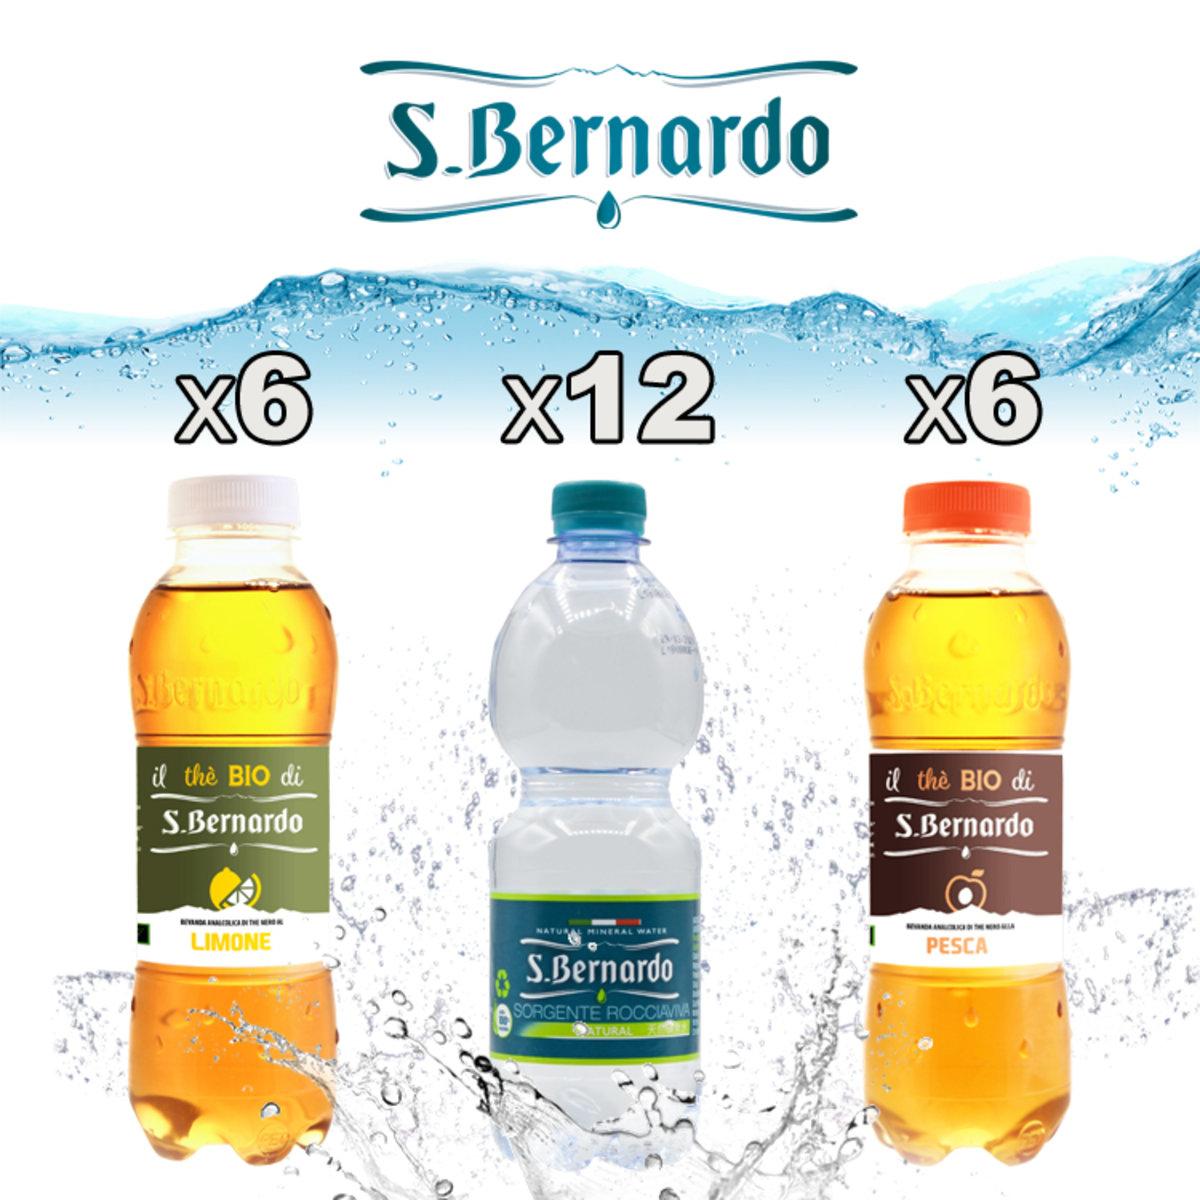 [原箱]聖貝娜多 天然礦泉水 MIX 500ml x 24樽